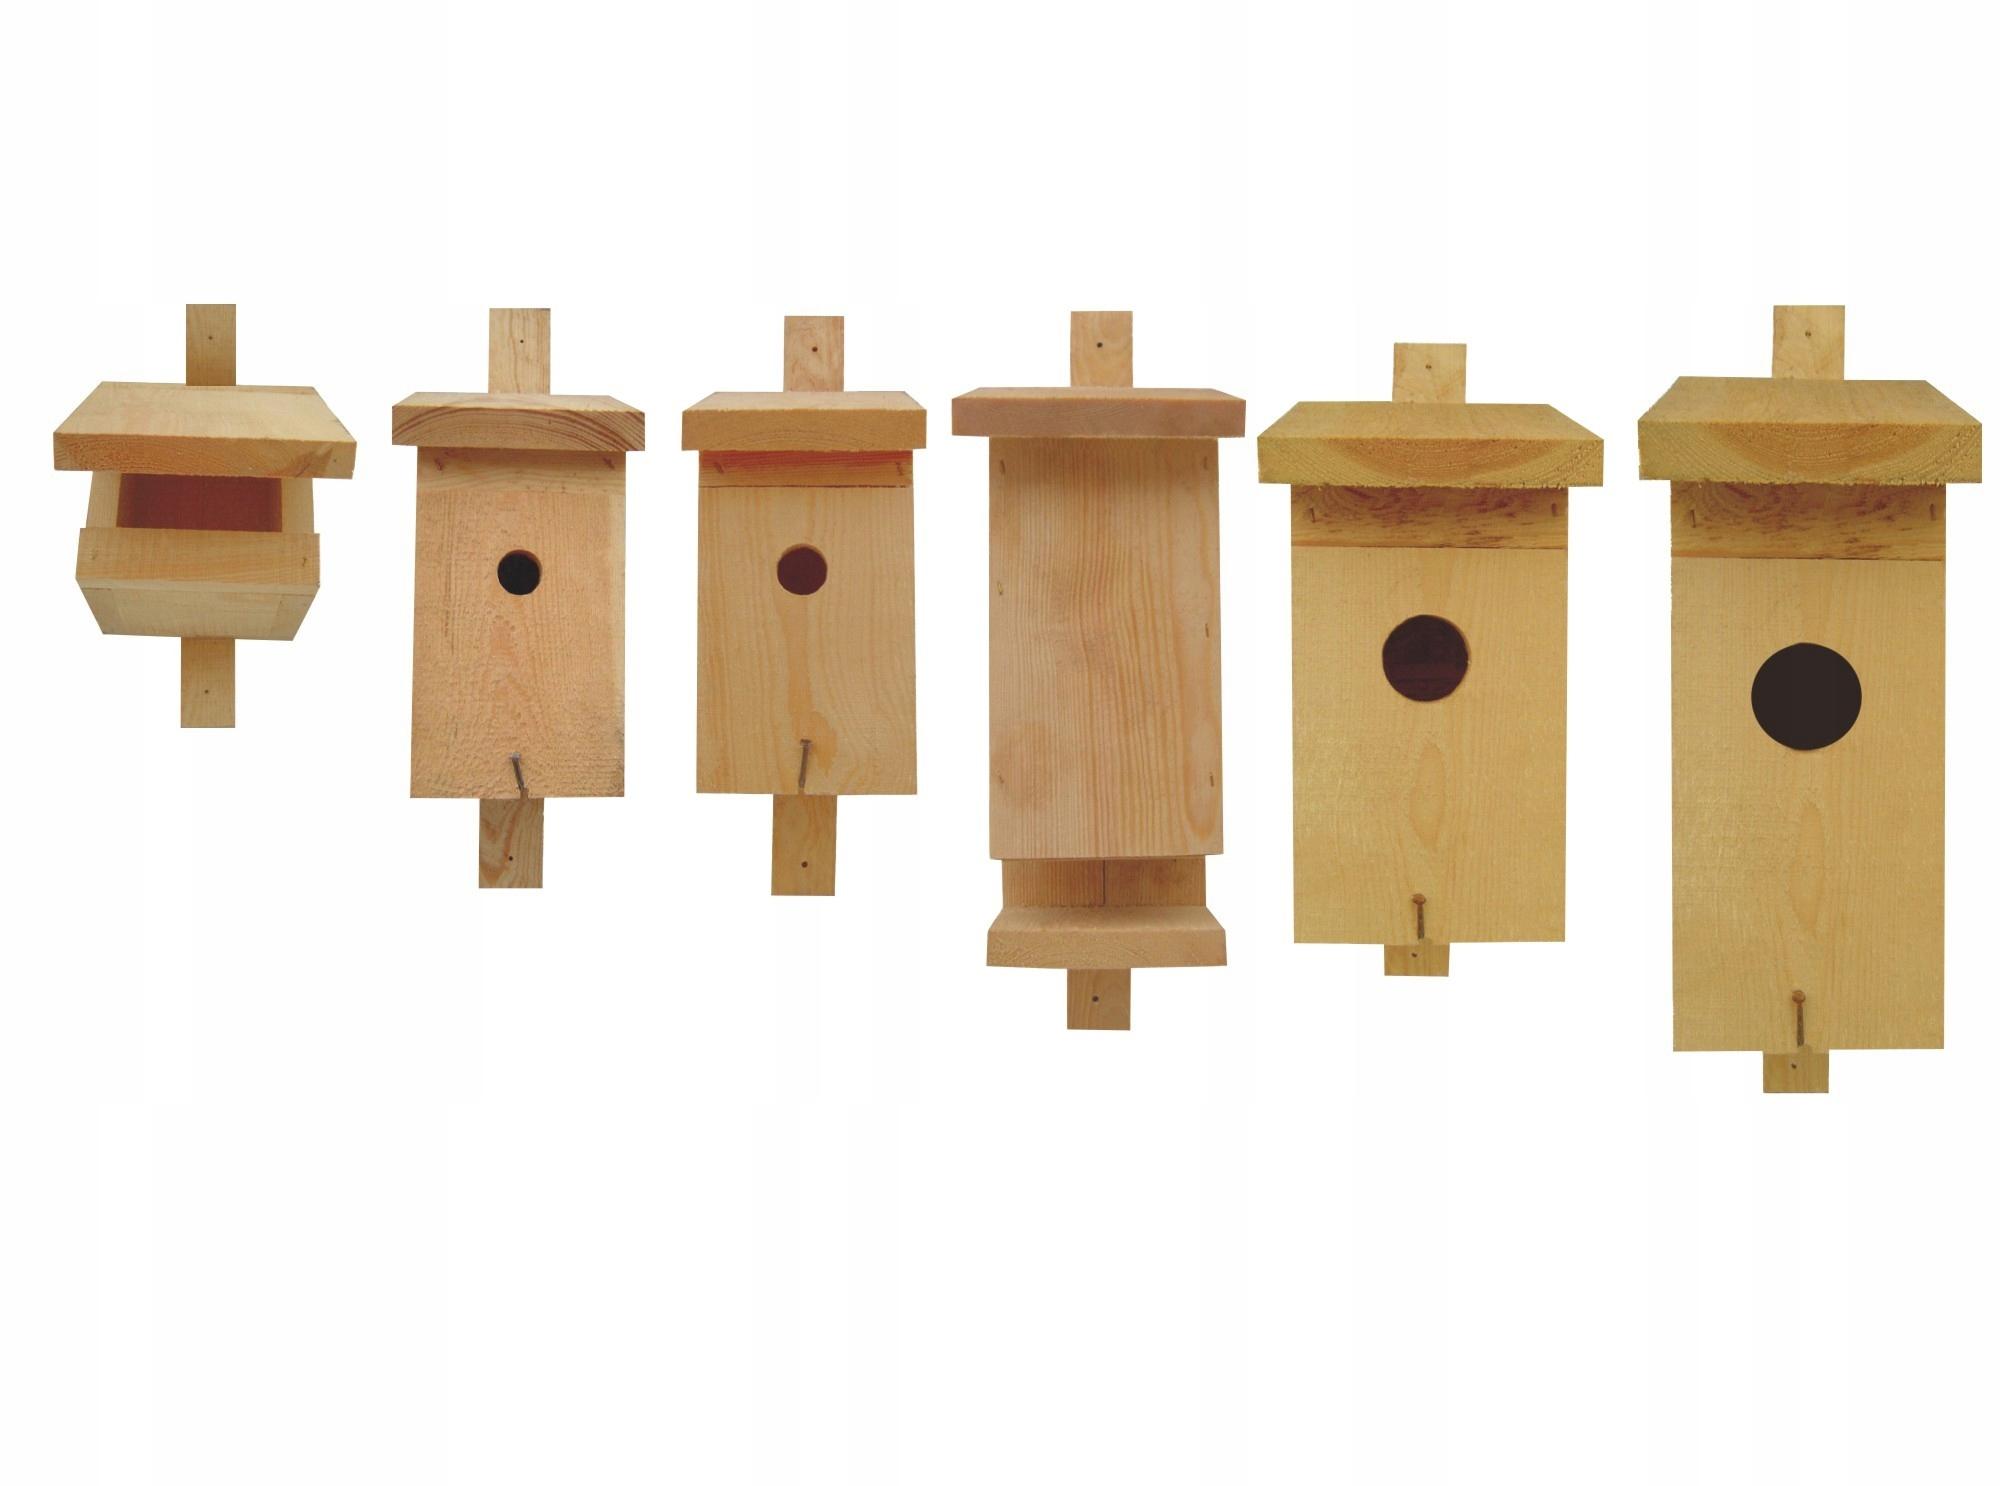 Скворечники для птиц - набор из 6 предметов. Продукт PL